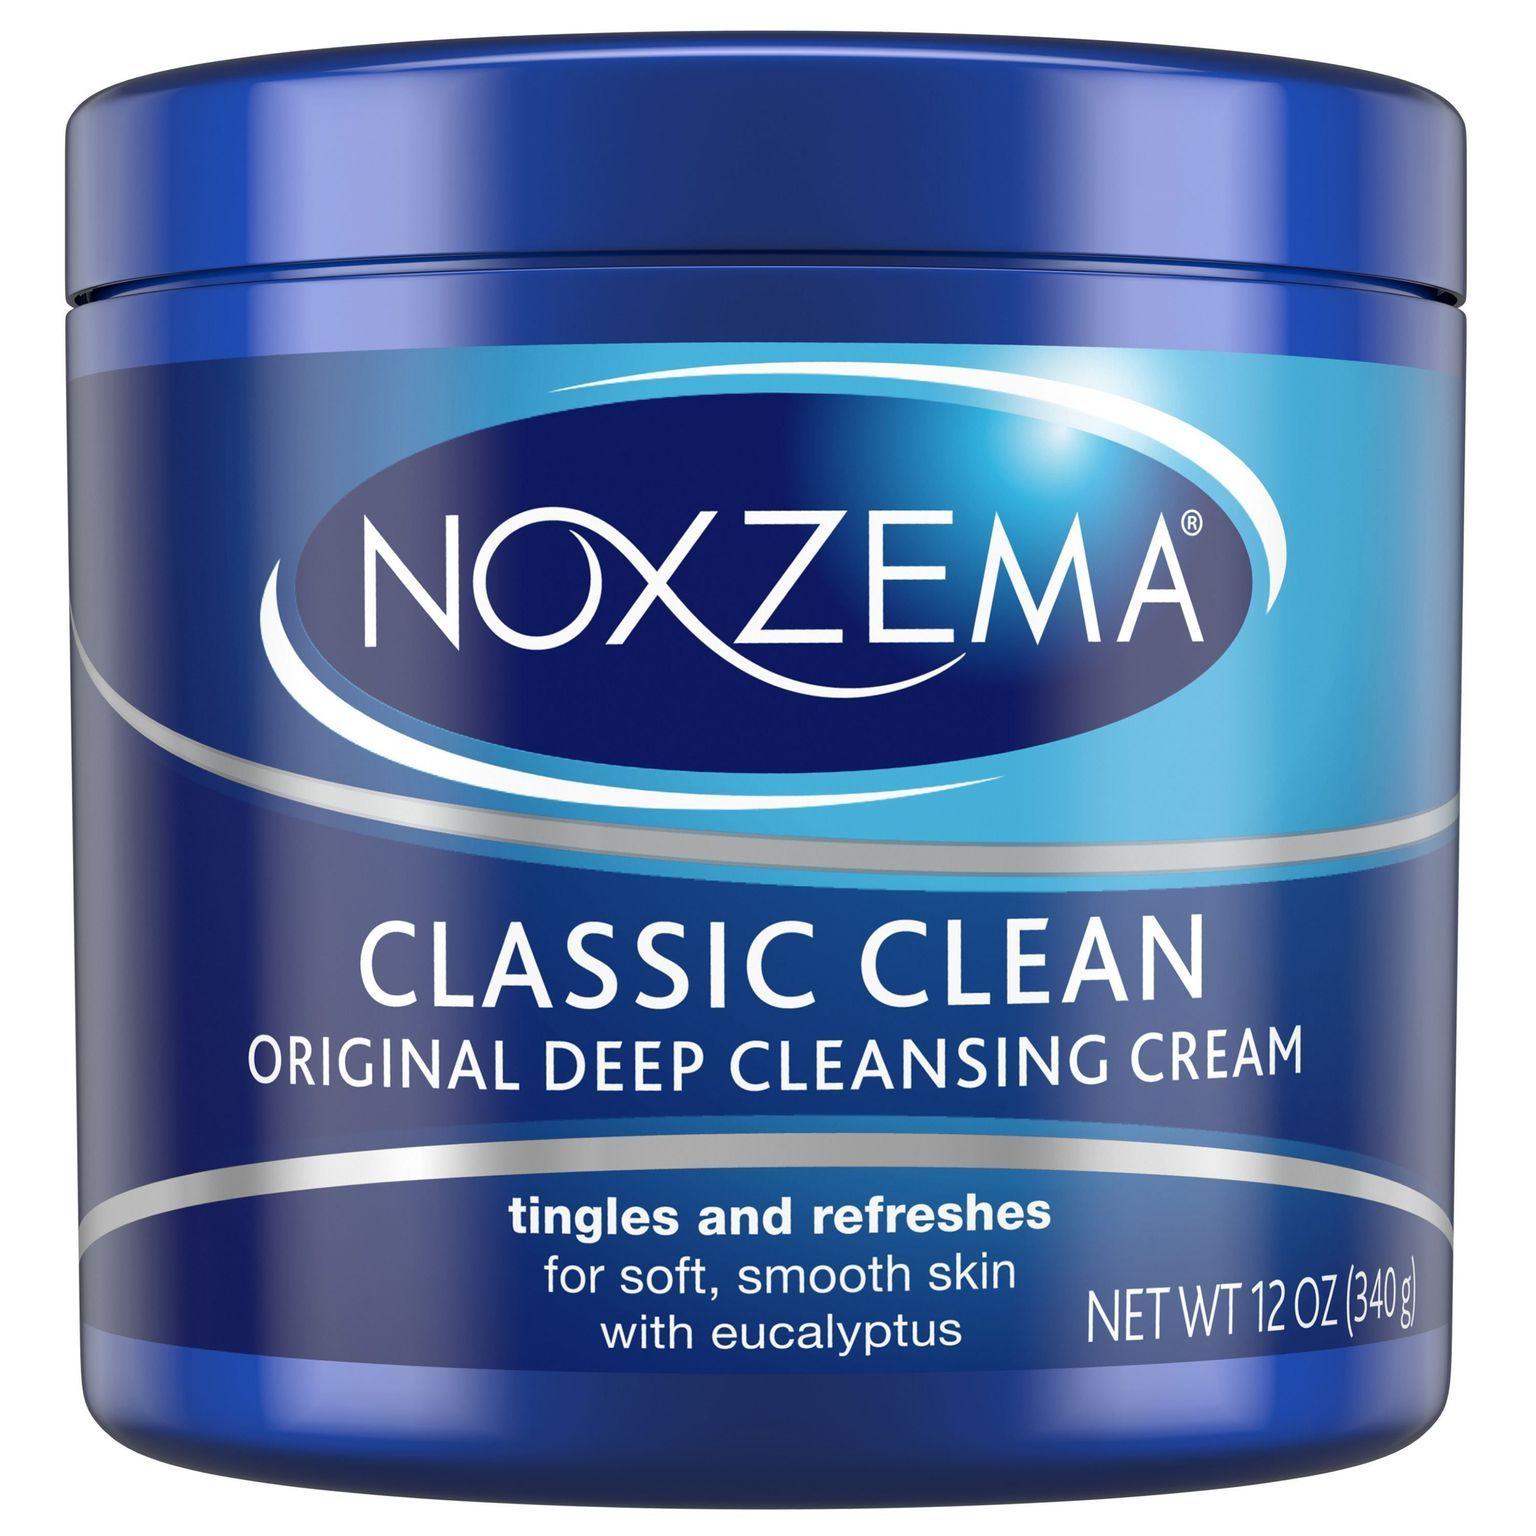 Classic Clean Original Deep Cleansing Cream